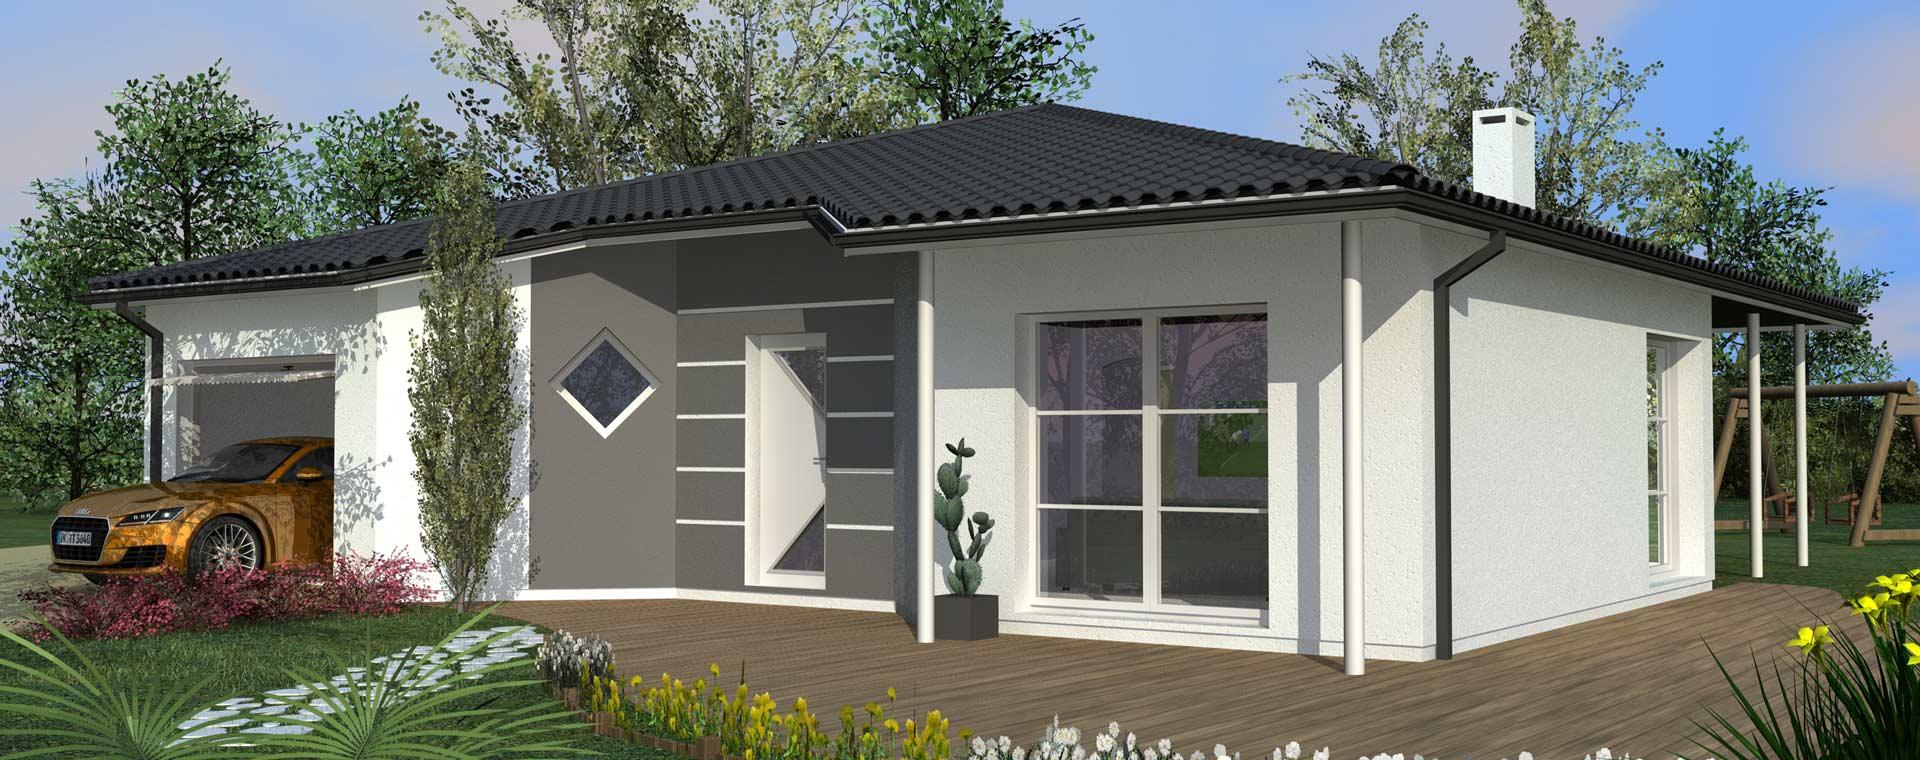 achat immobilier j ai bien choisi mon notaire. Black Bedroom Furniture Sets. Home Design Ideas